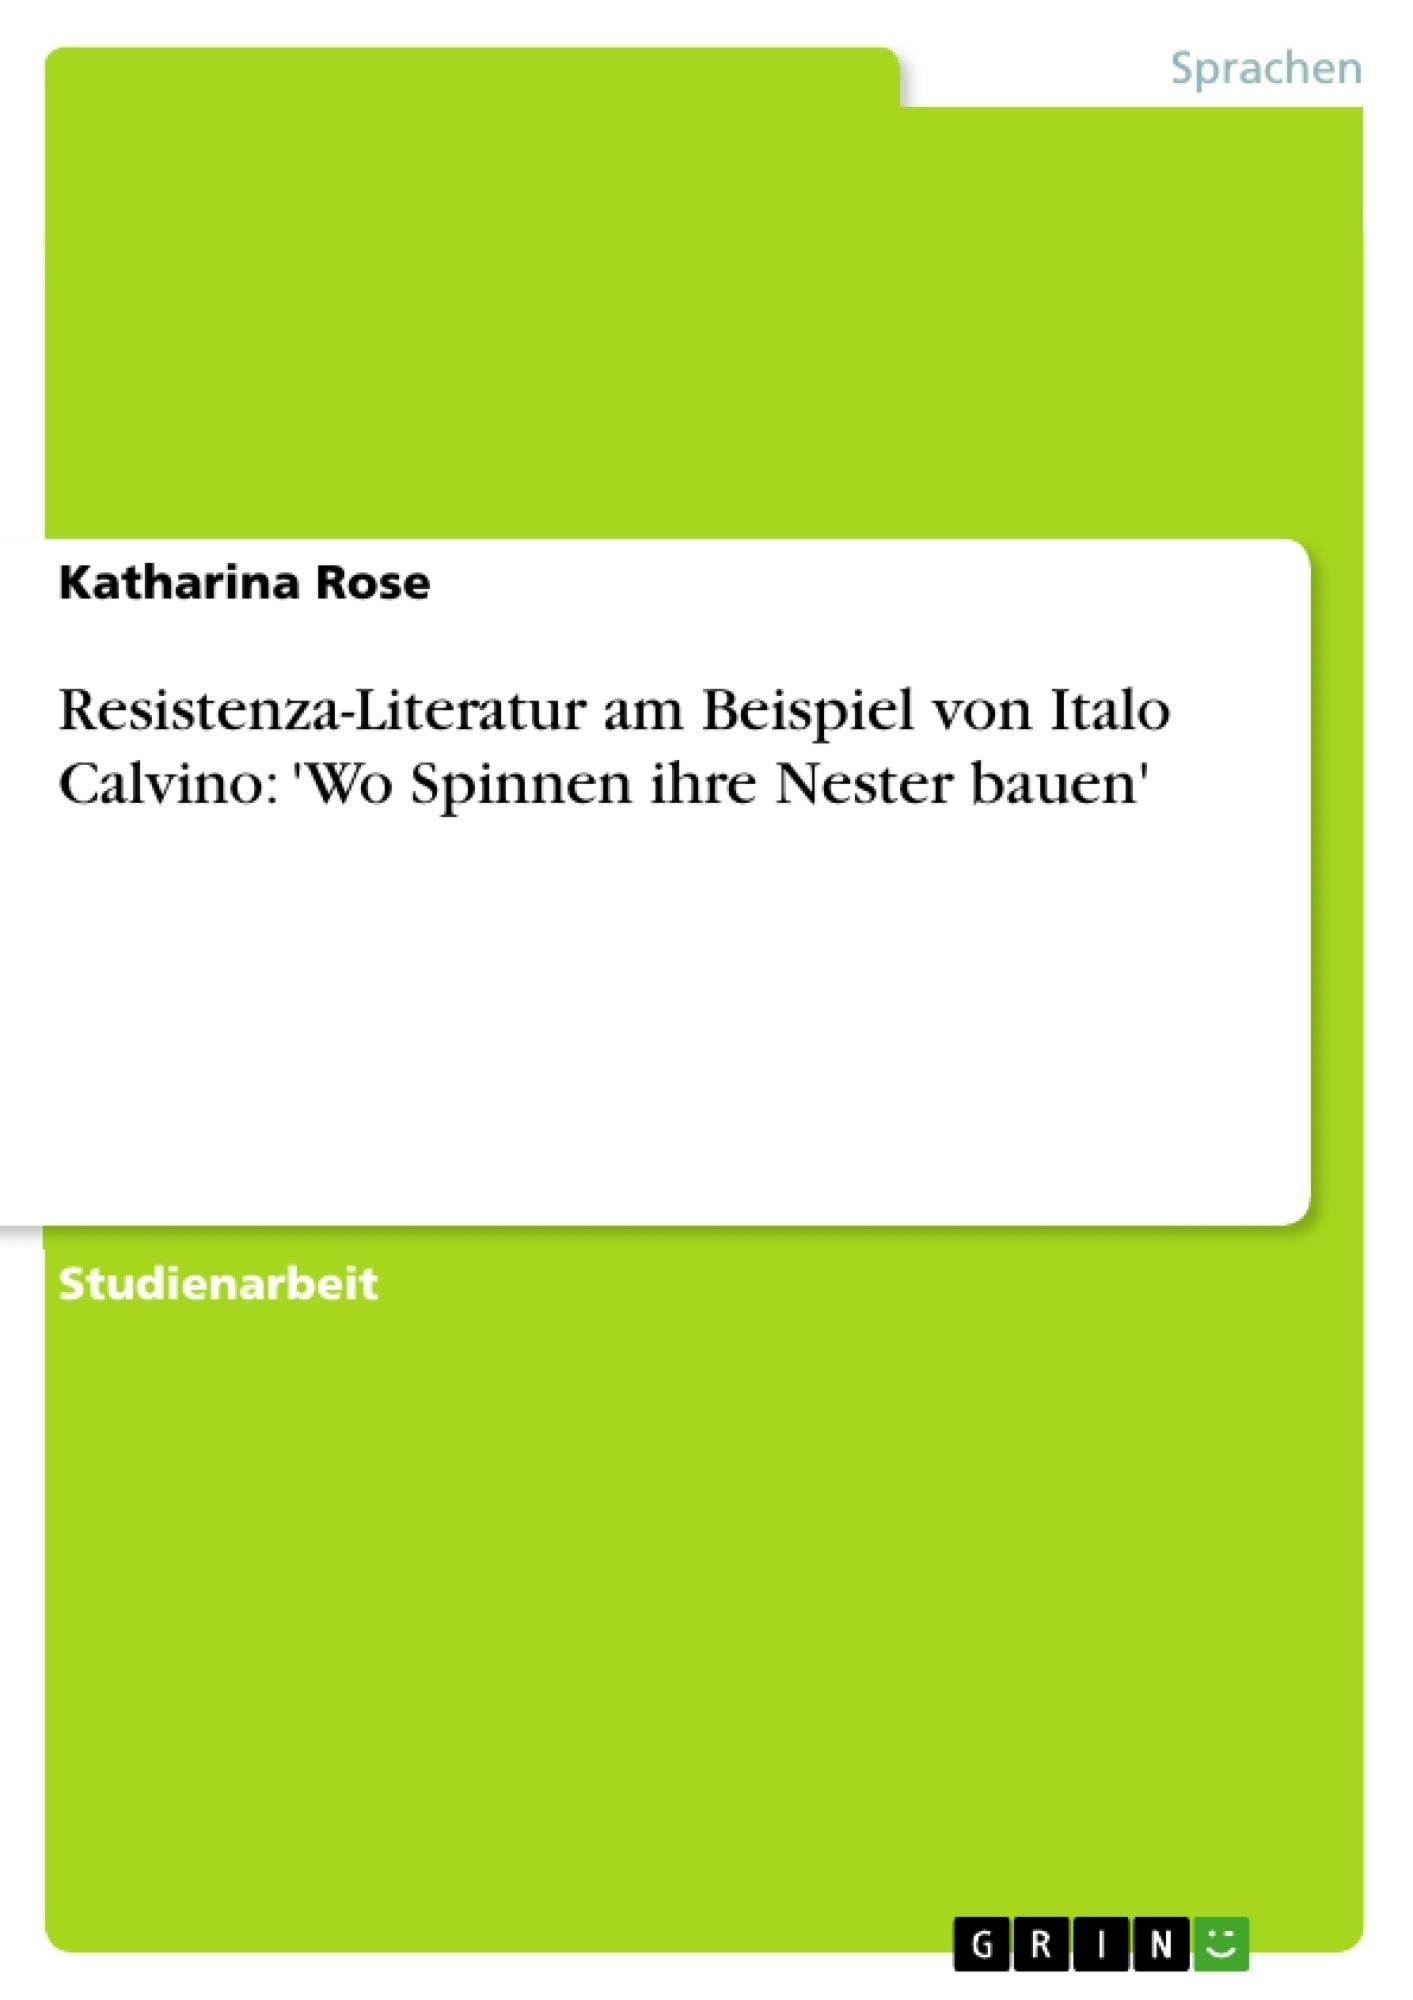 Titel: Resistenza-Literatur am Beispiel von Italo Calvino: 'Wo Spinnen ihre Nester bauen'